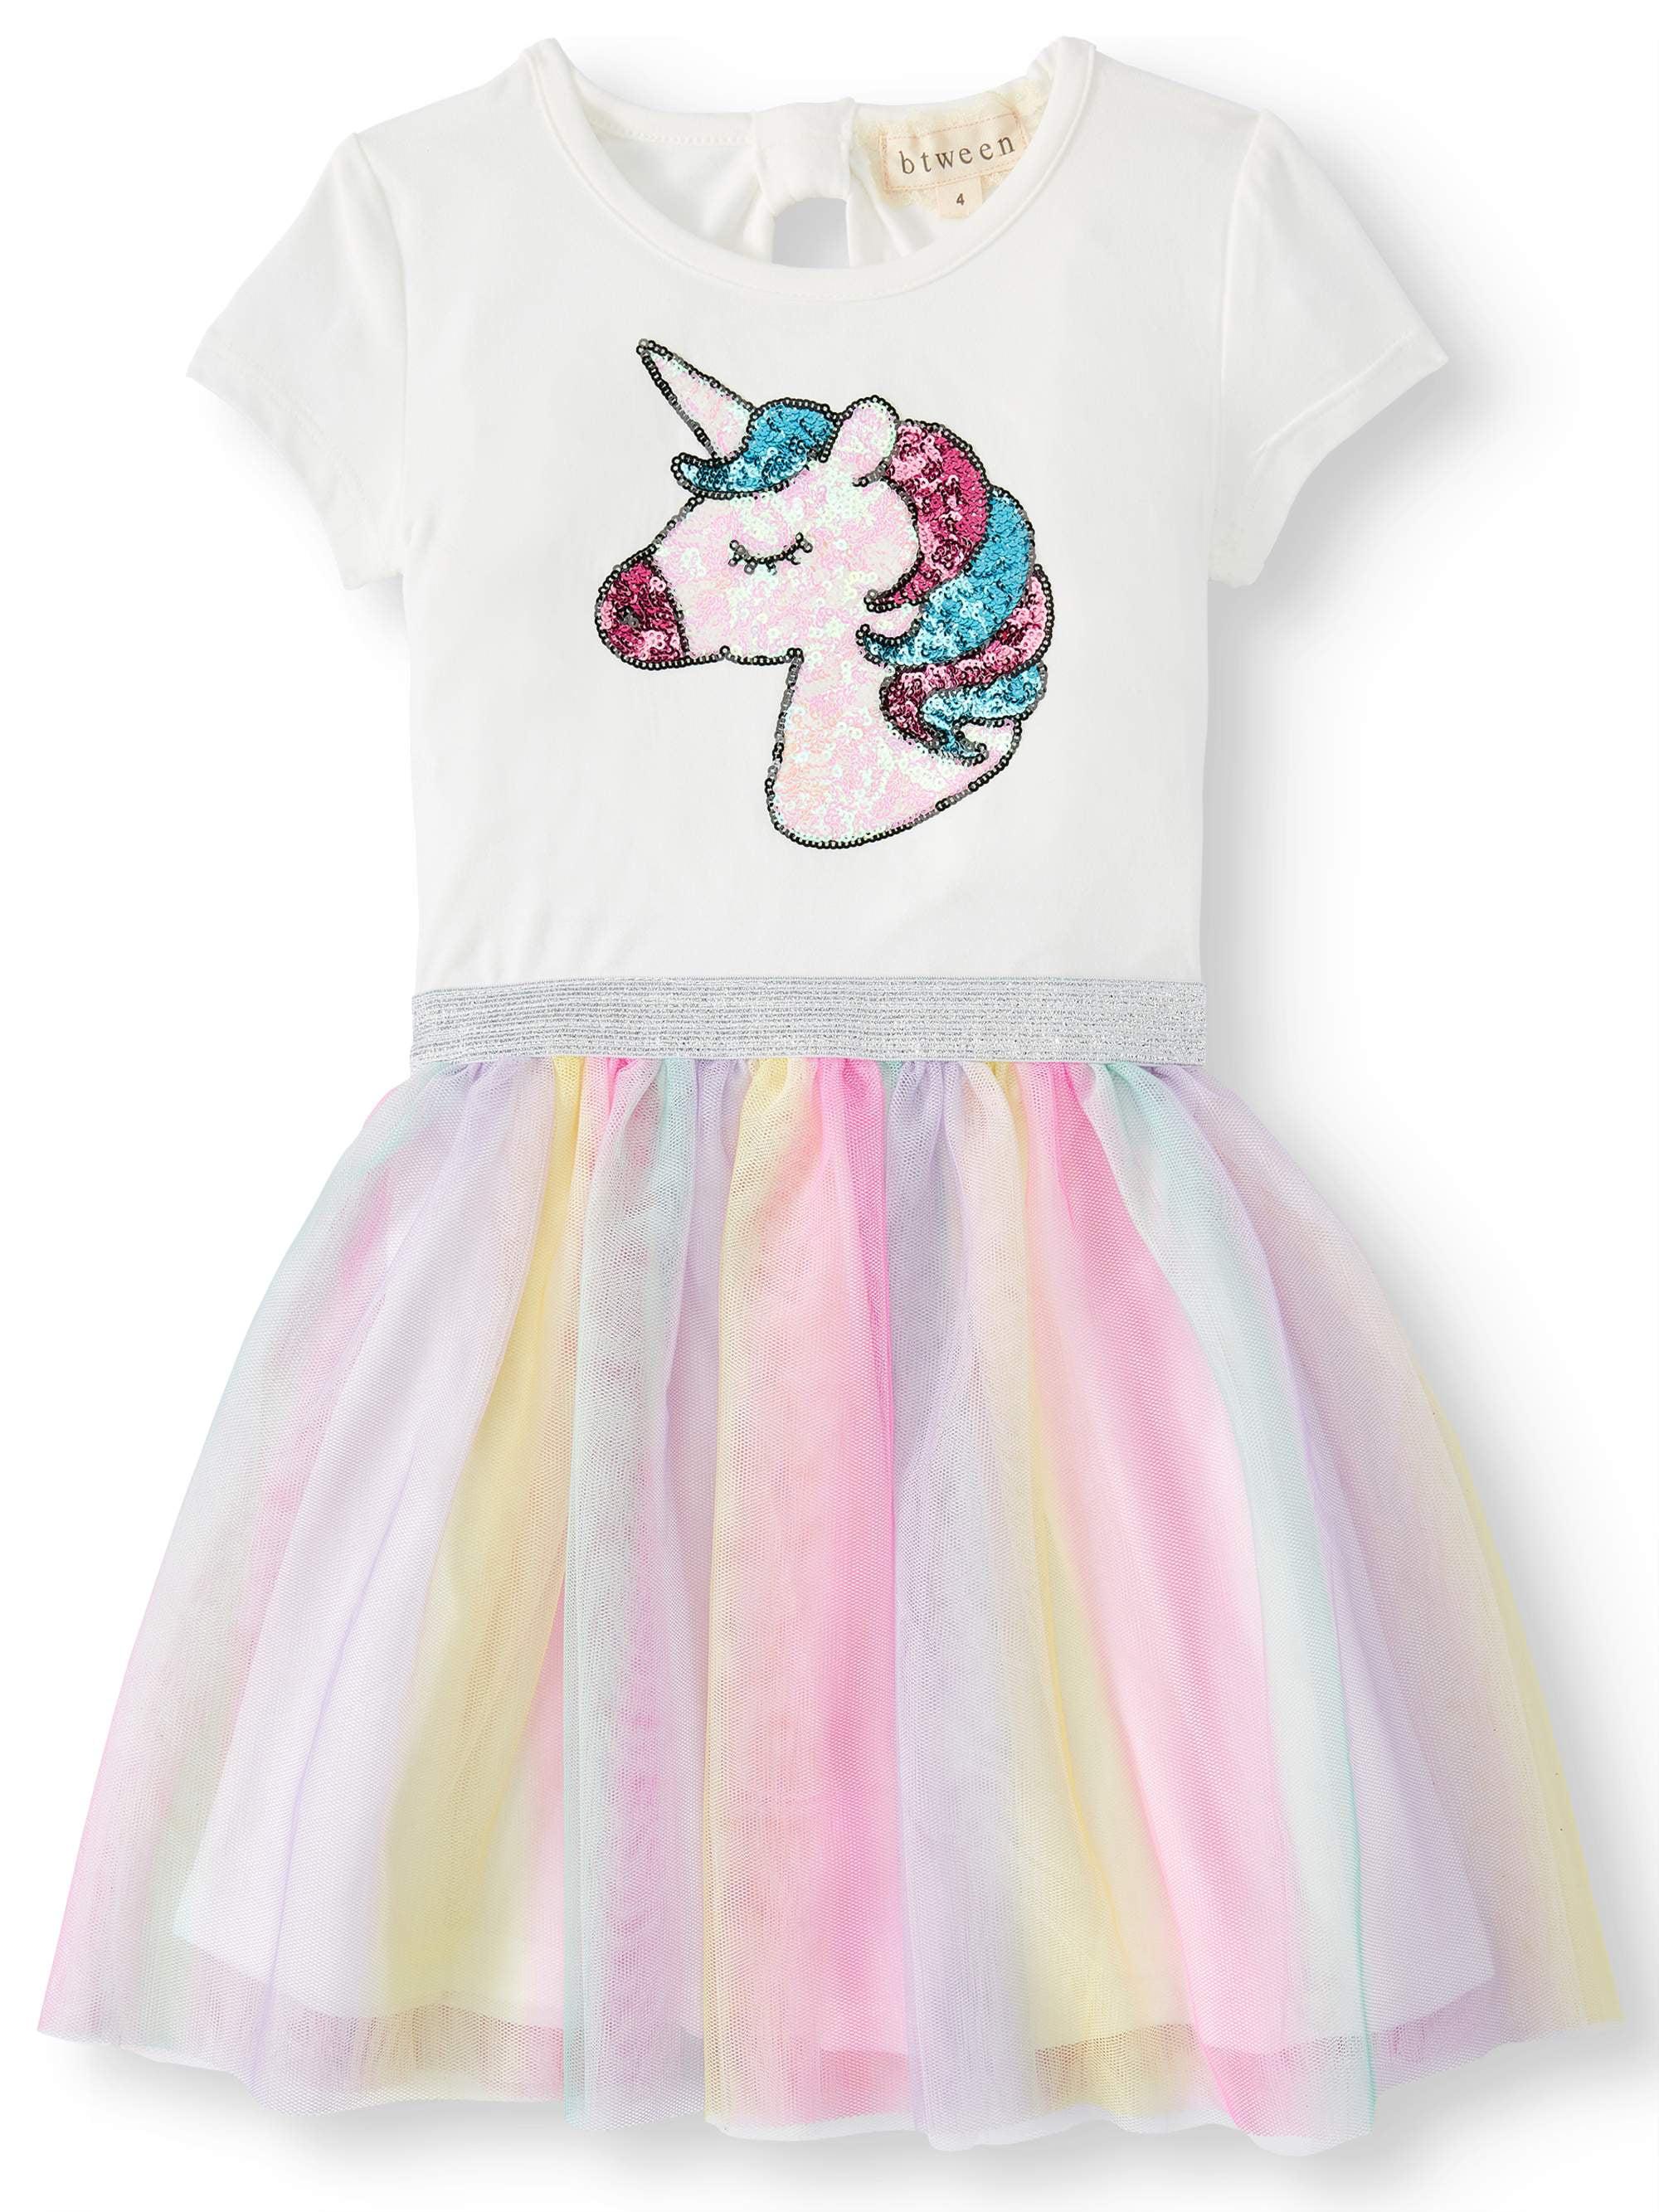 556a1777 Btween - Sequin Unicorn Rainbow Mesh Tutu Dress (Little Girls & Big Girls)  - Walmart.com